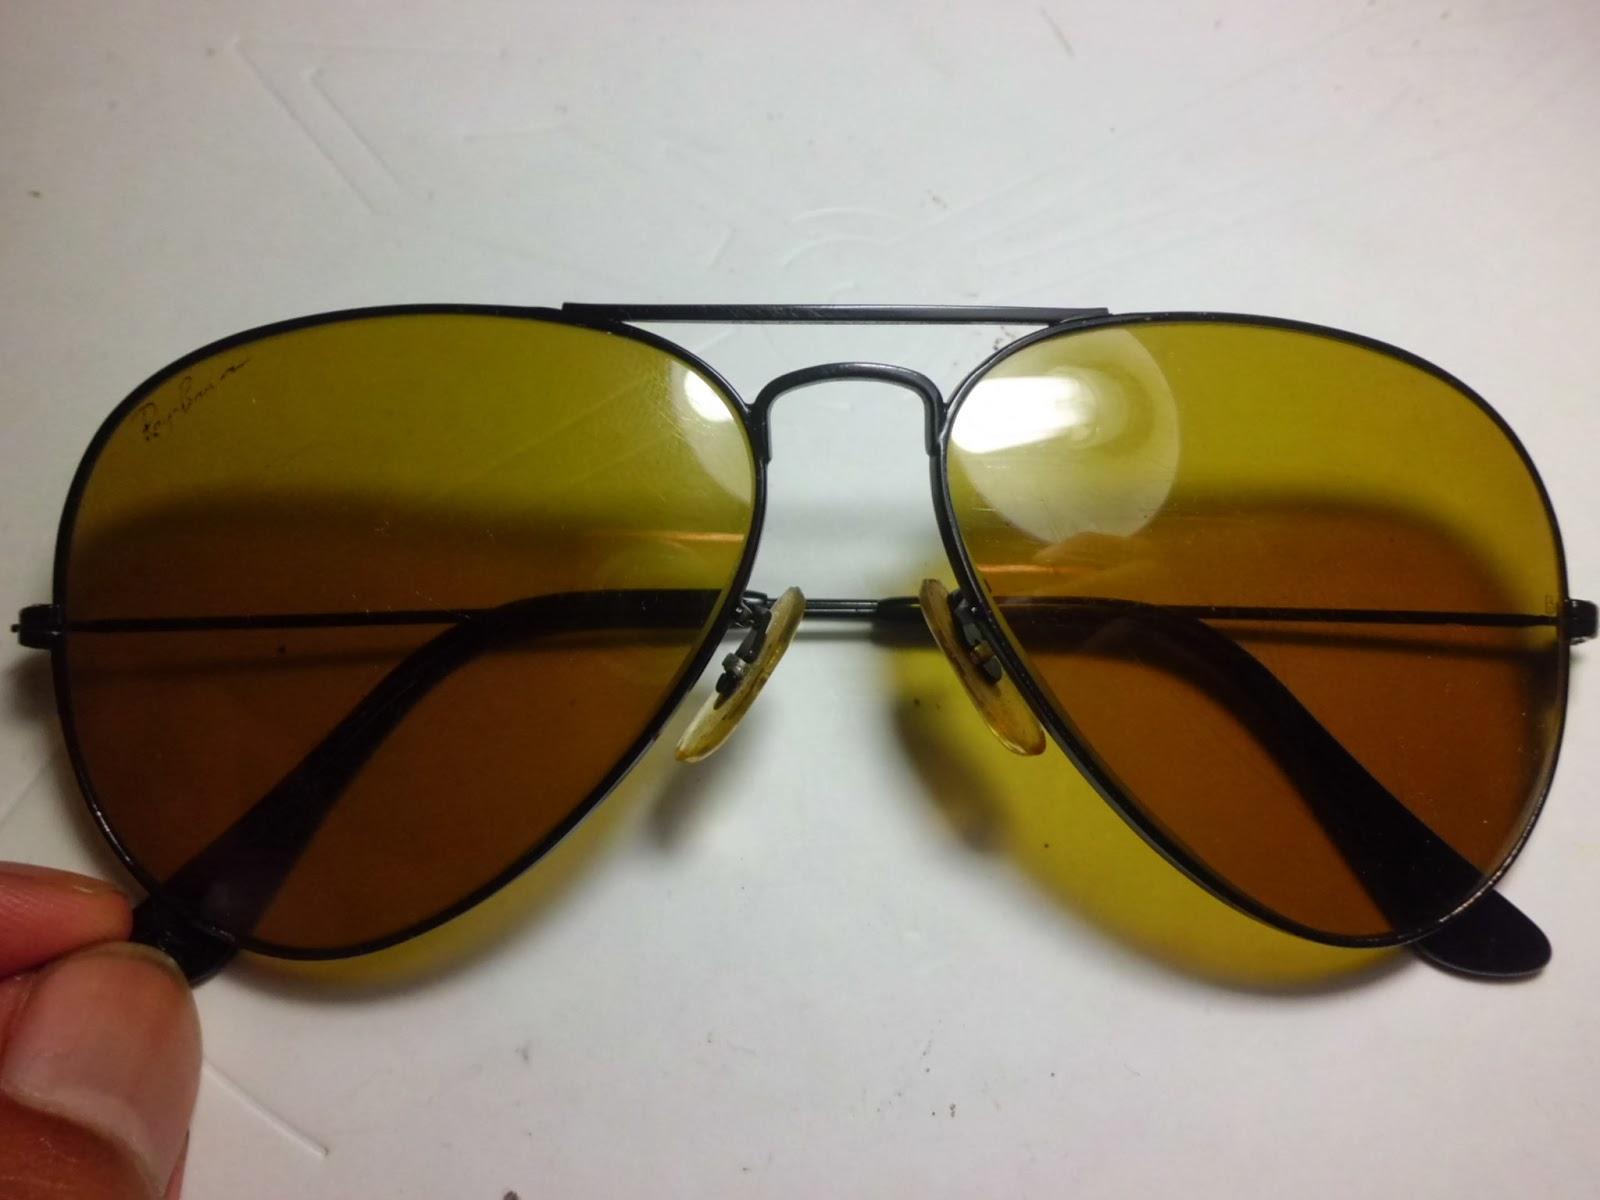 ... switzerland kacamata original norton brown lens harga rp 600.000 . kacamata  rayban aviator b4a32 0e1f8 50d58b7655